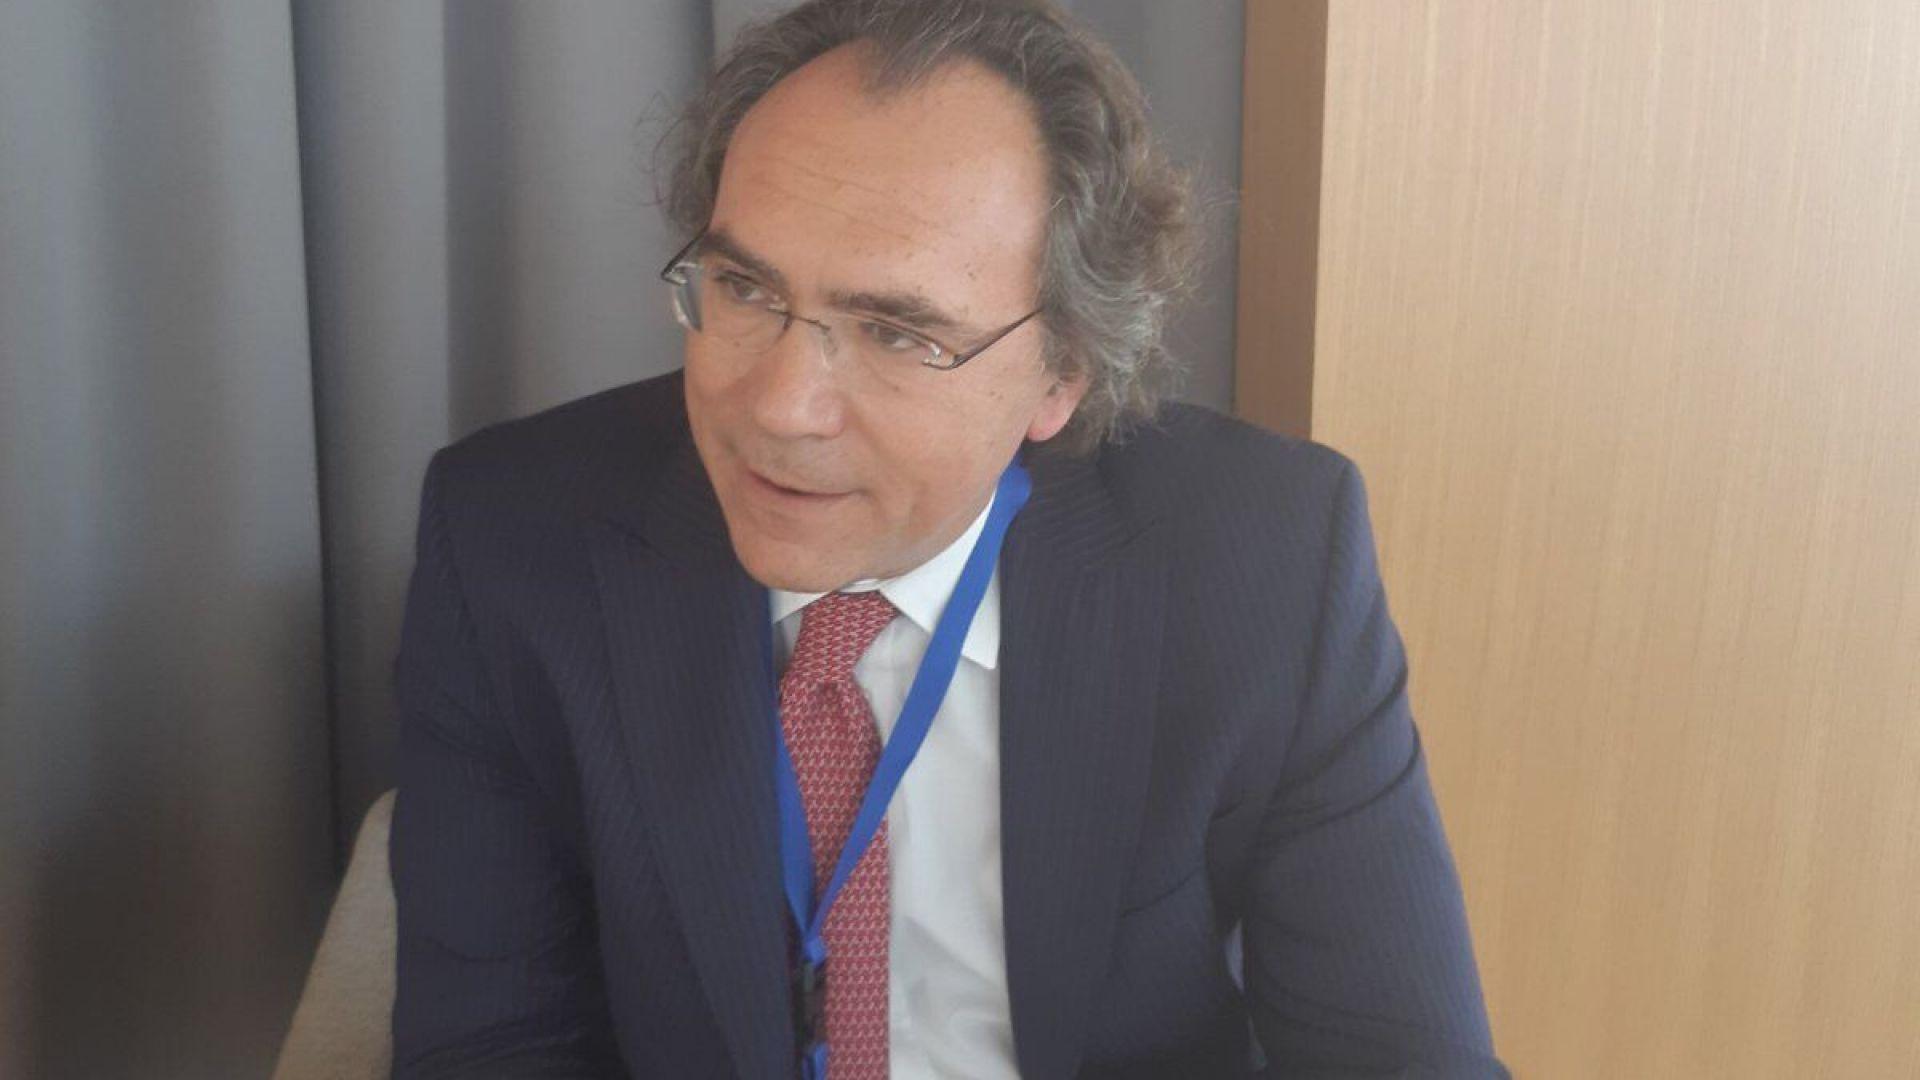 Водещият кардиолог в Гърция д-р Рихтер: Бездимните устройства са по-добрата алтернатива на цигарите